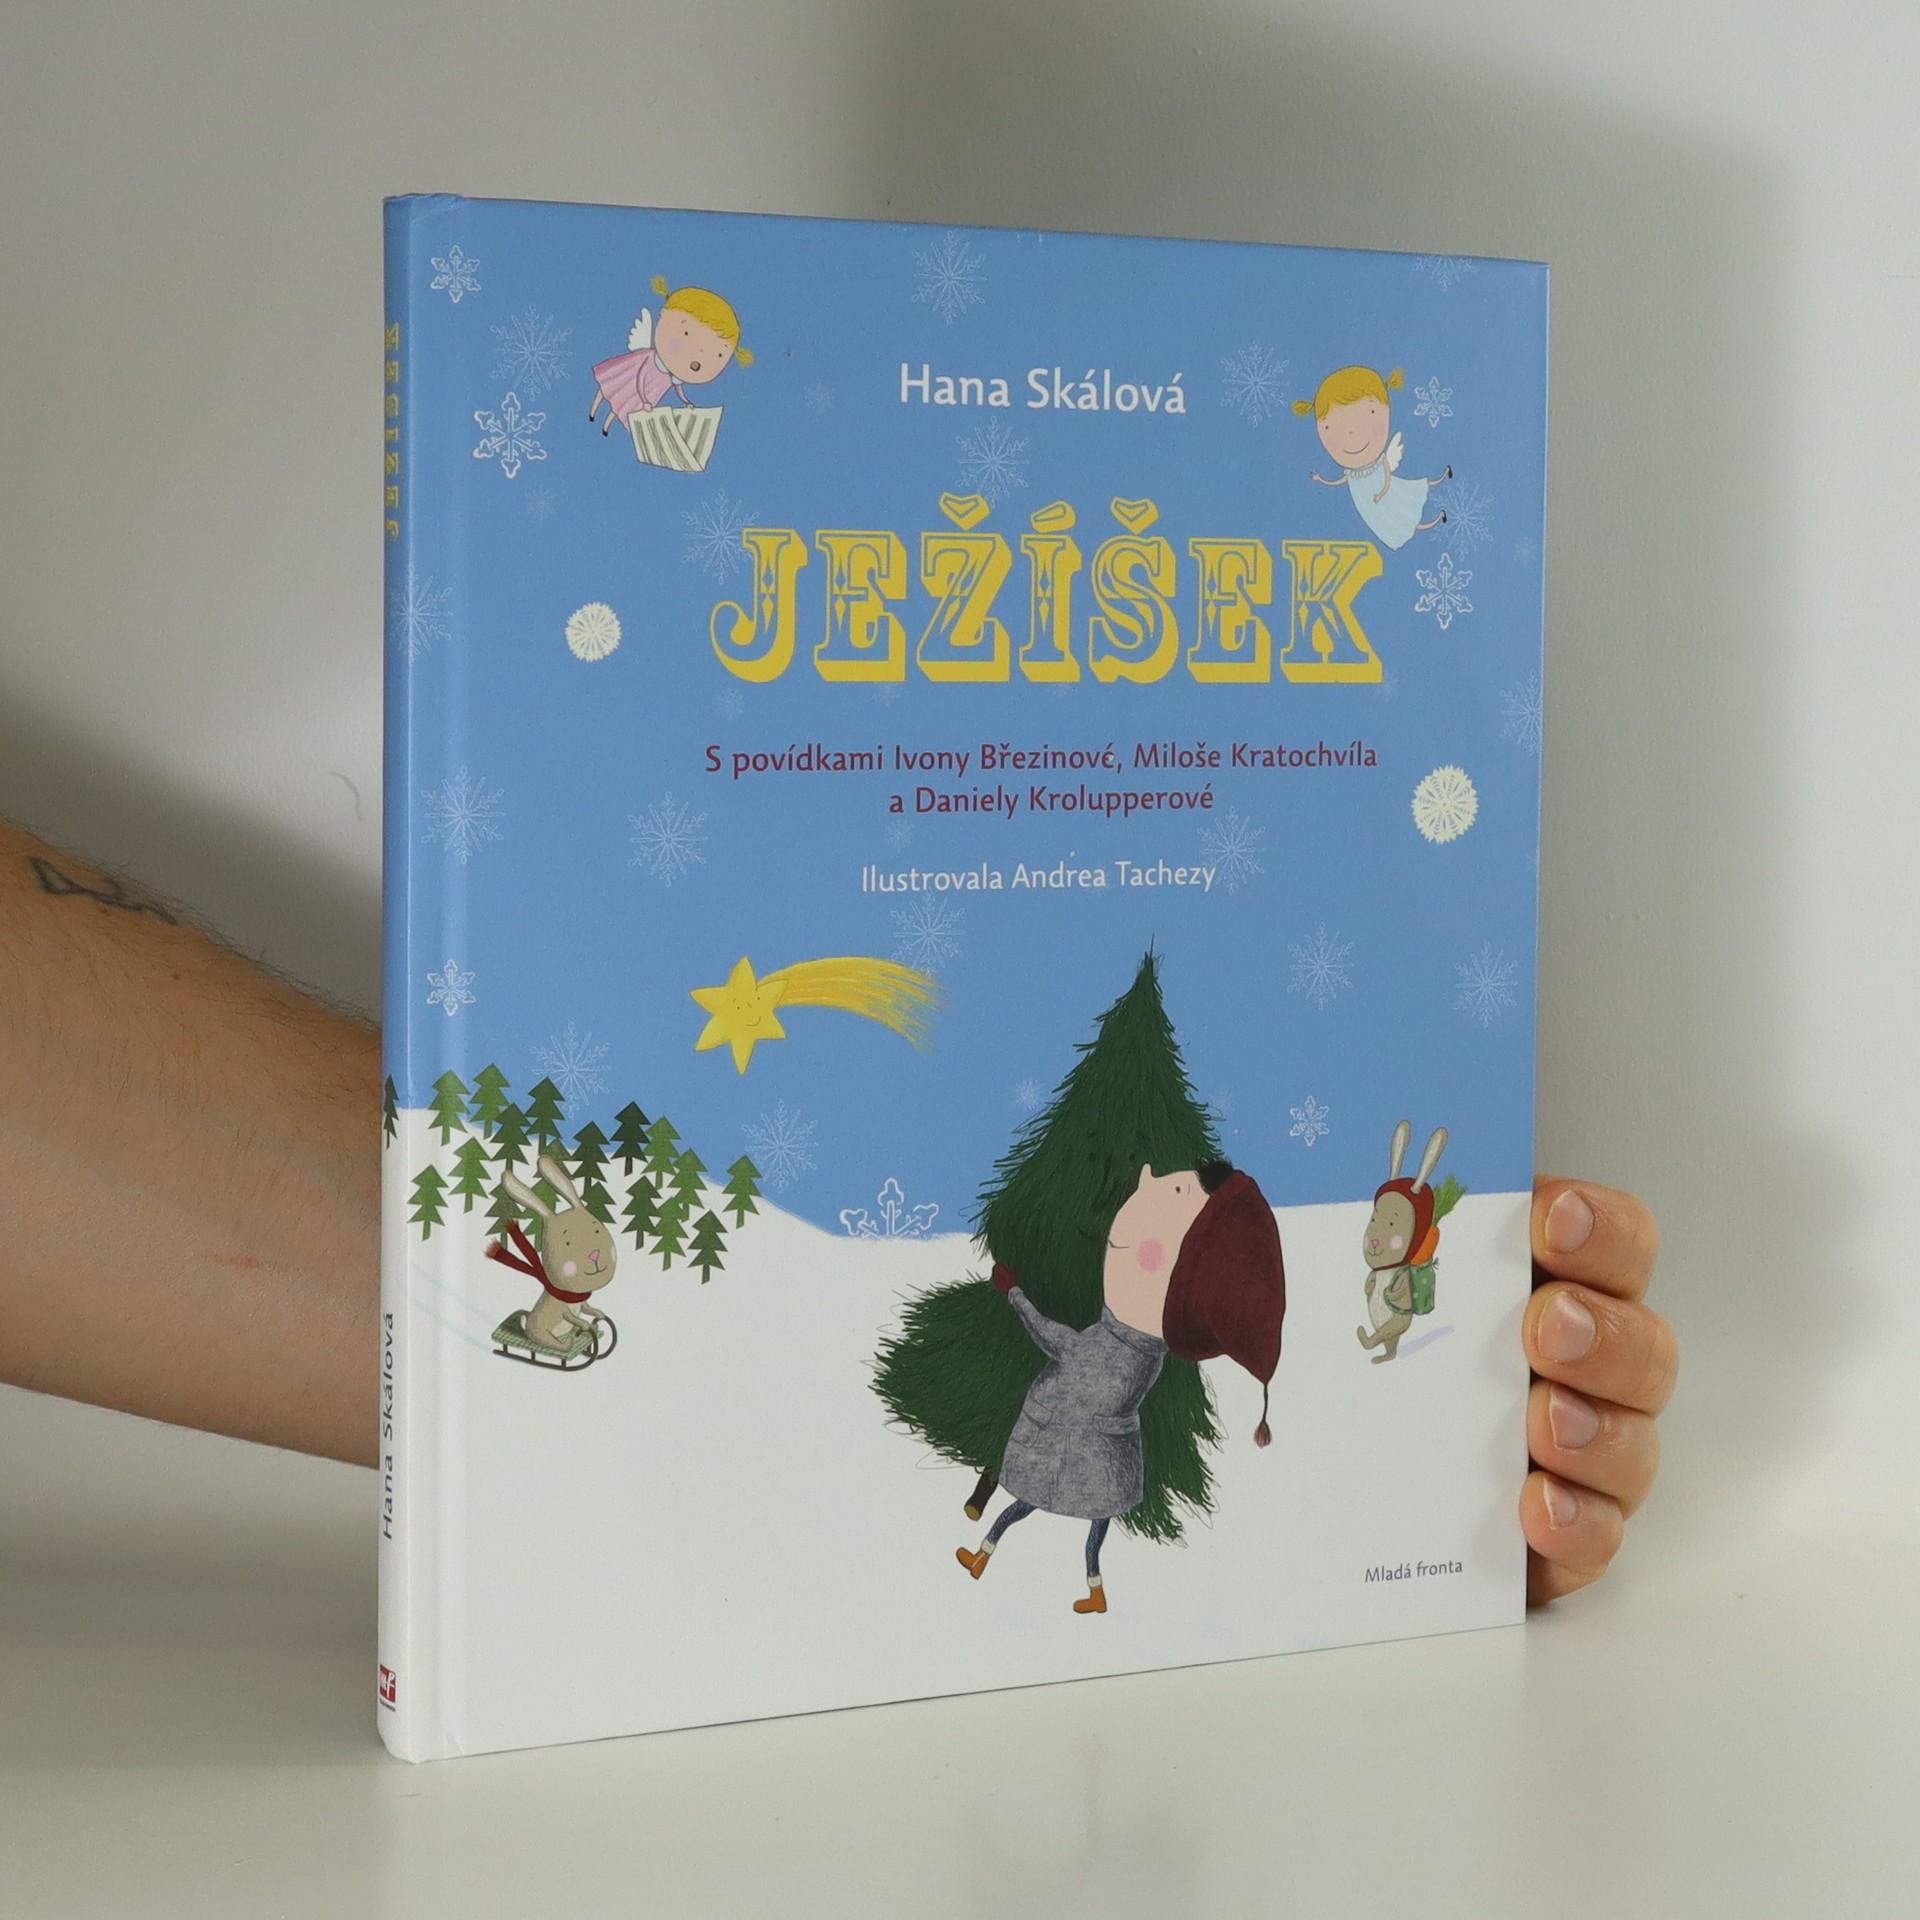 antikvární kniha Ježíšek, 2010